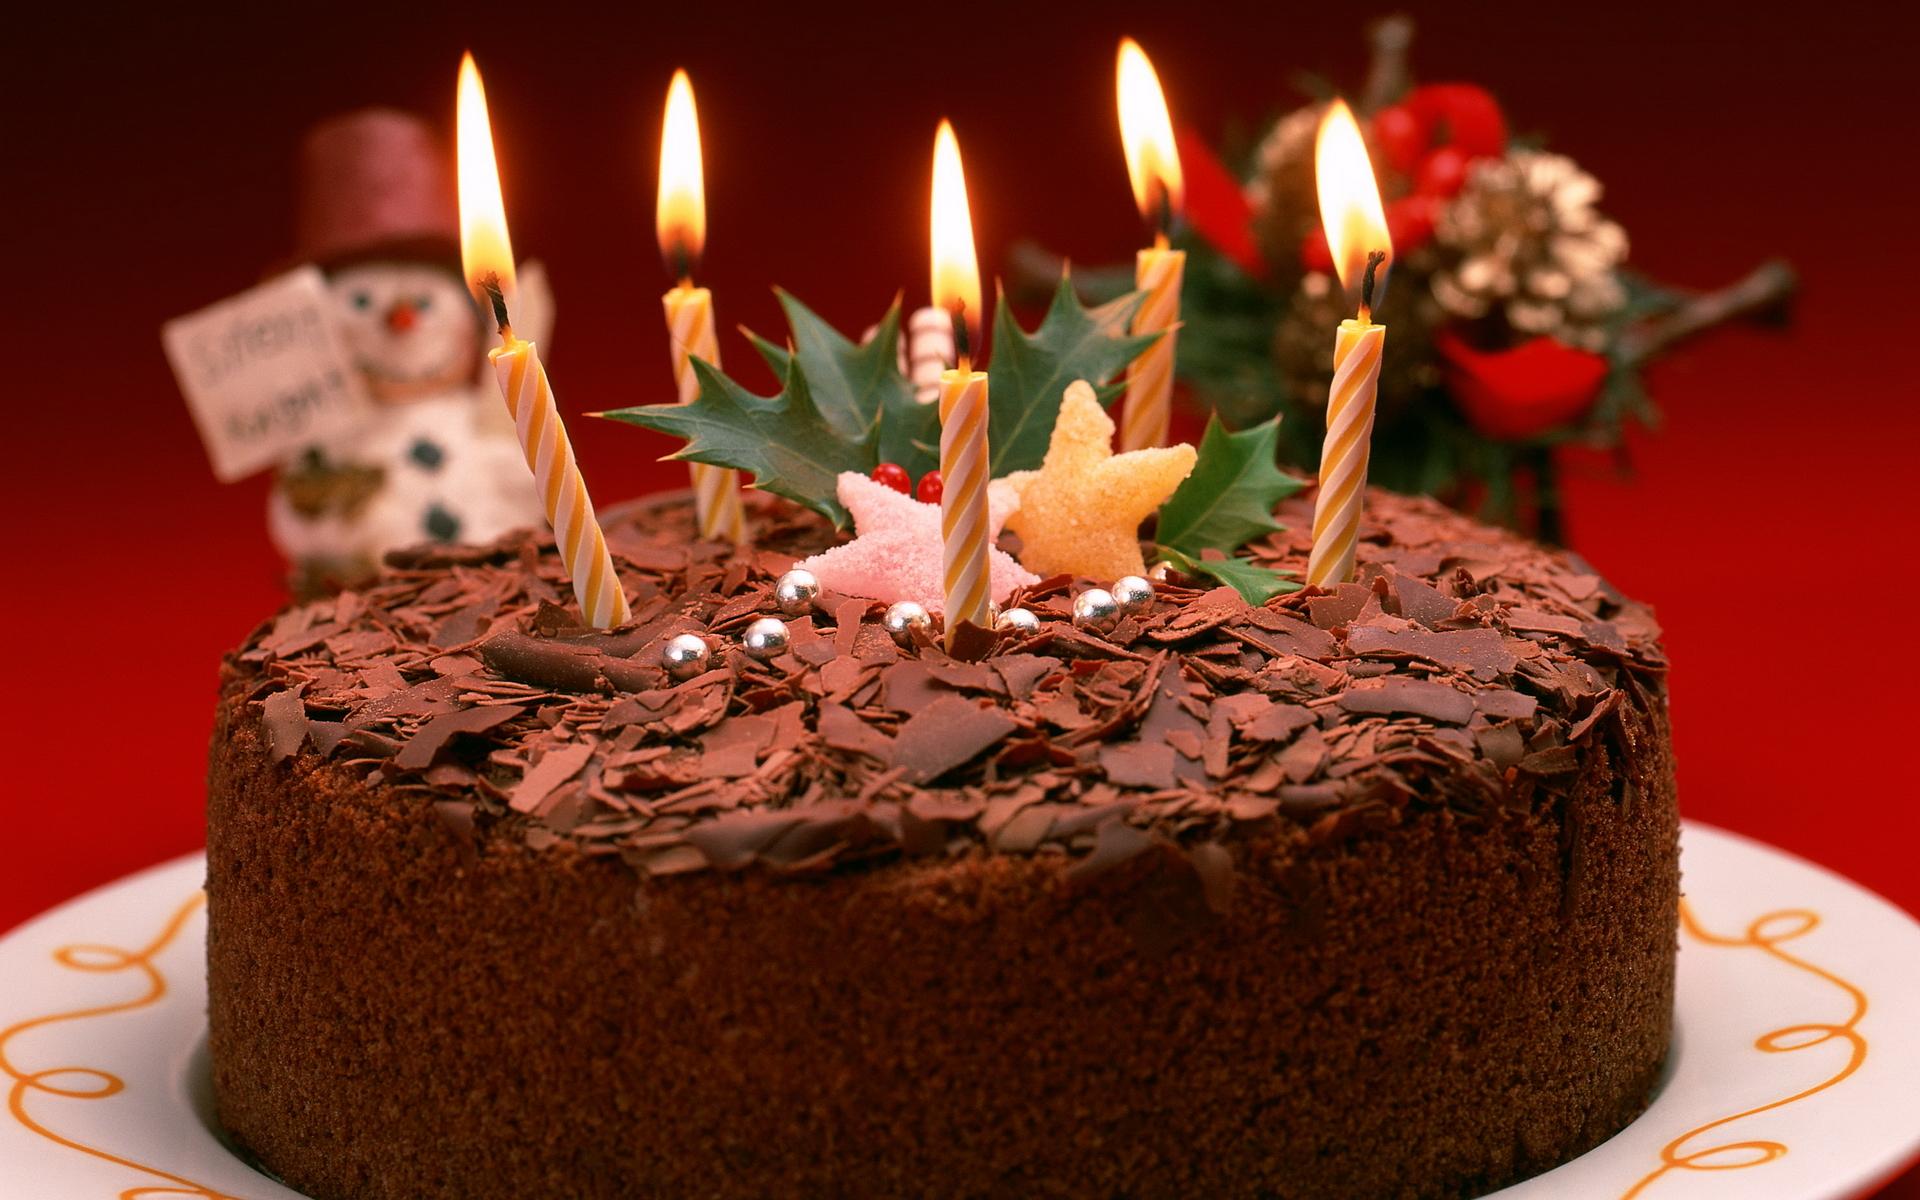 поздравление именинника с днем рождения на новый год выглядывать ждать